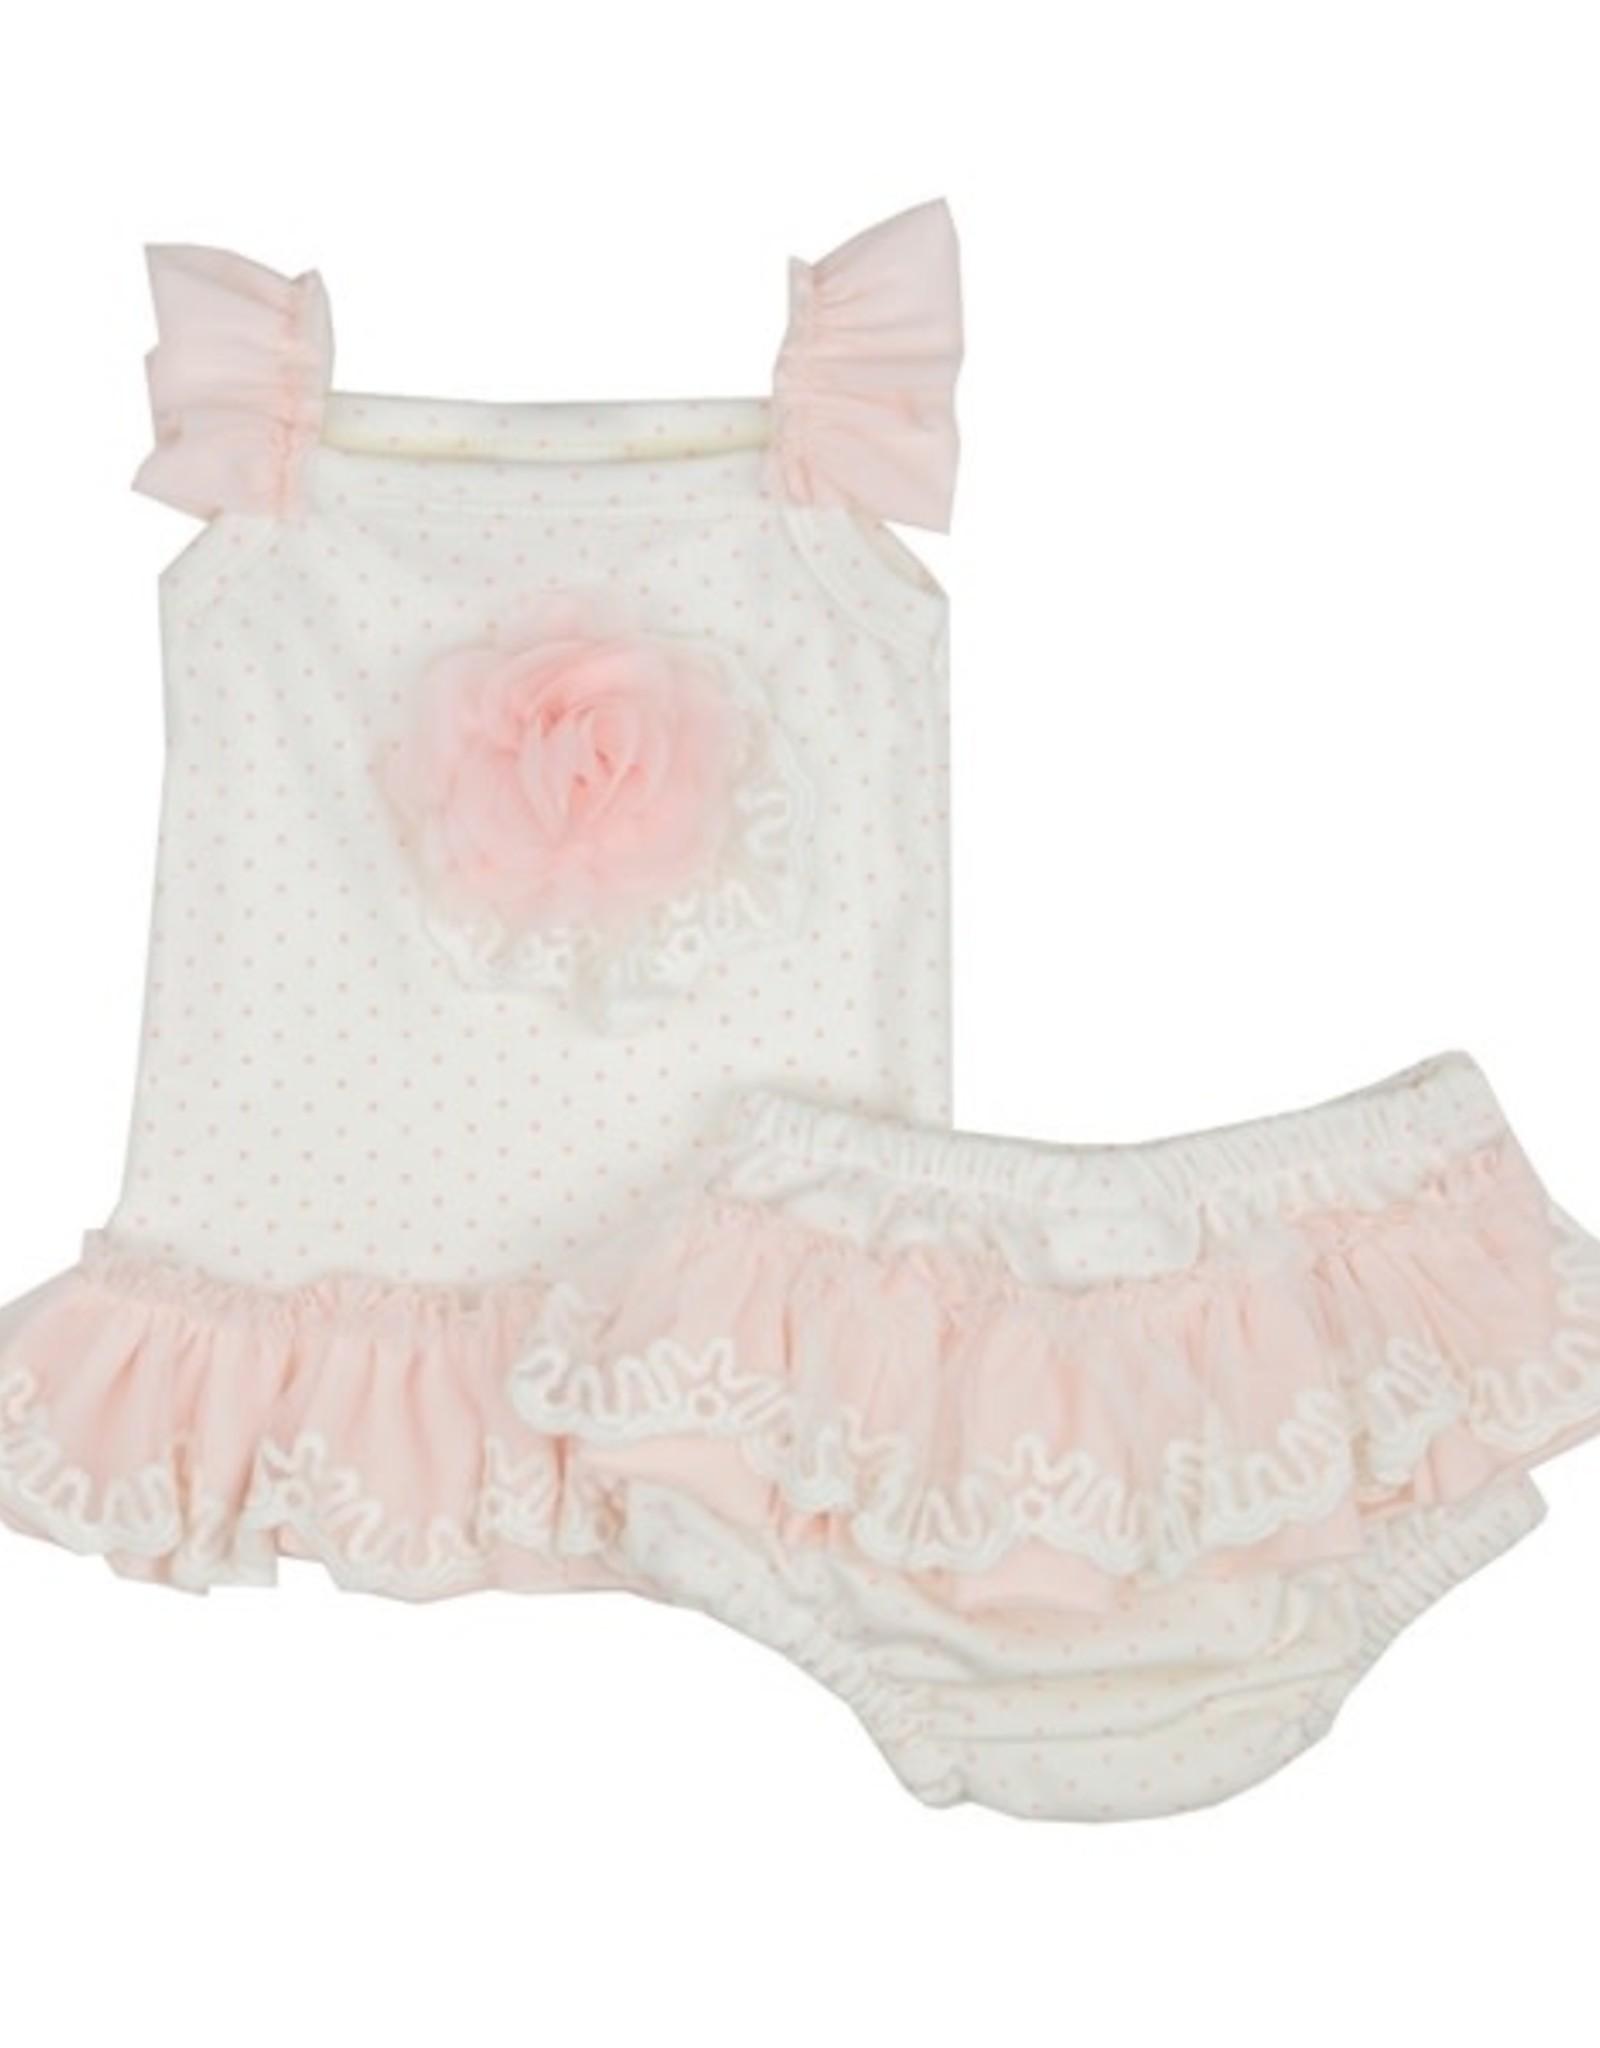 Haute Baby Cuddle Me Diaper Set